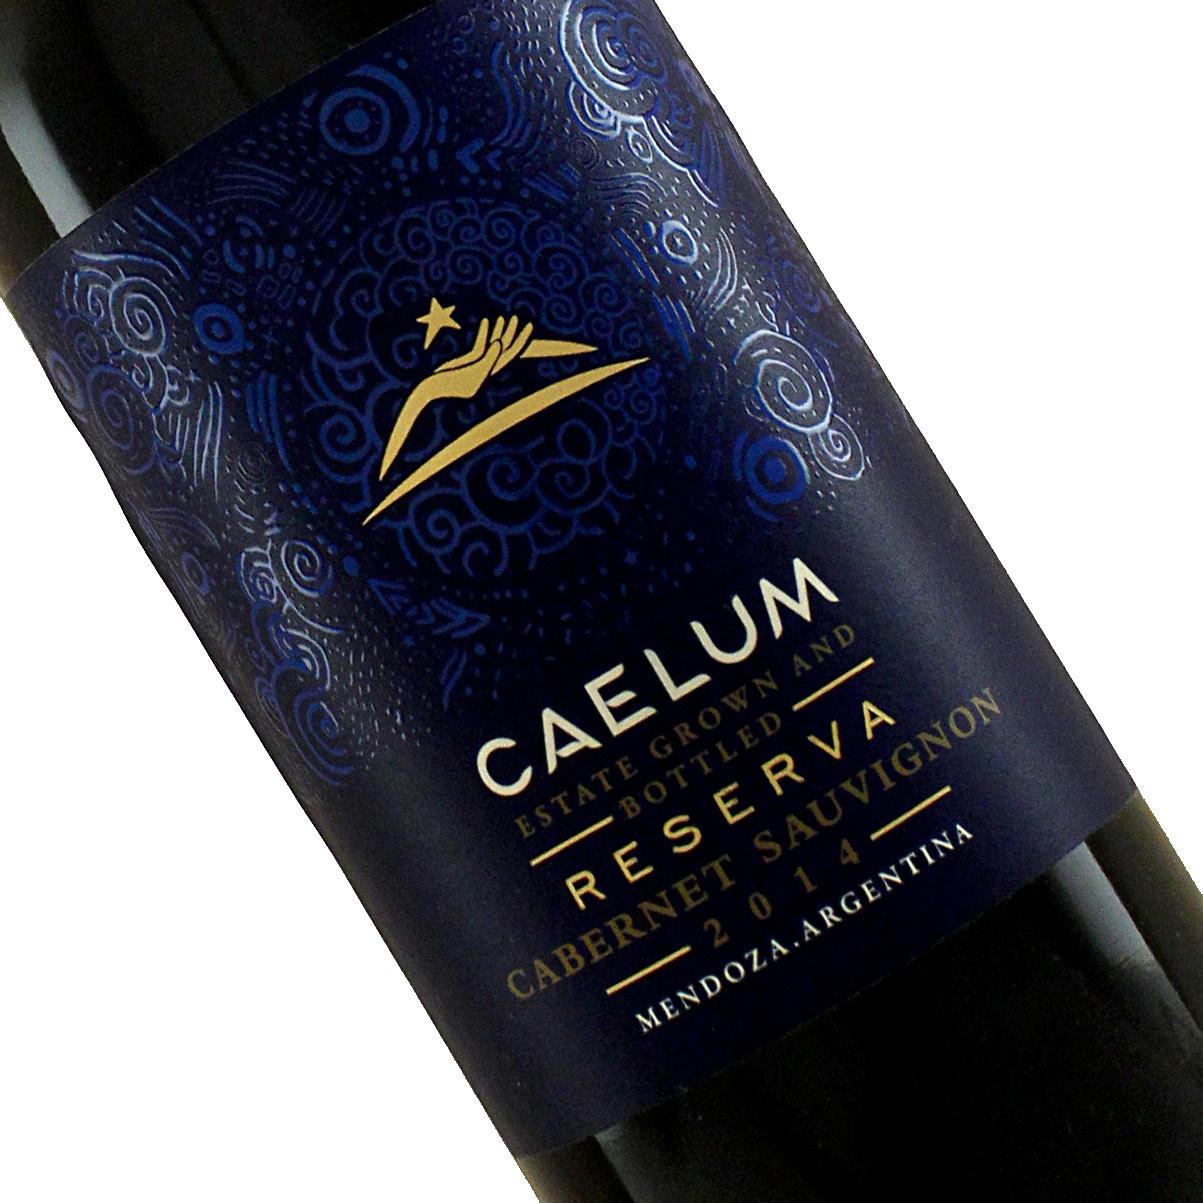 Caelum 2014 Reserve Cabernet Sauvignon, Mendoza